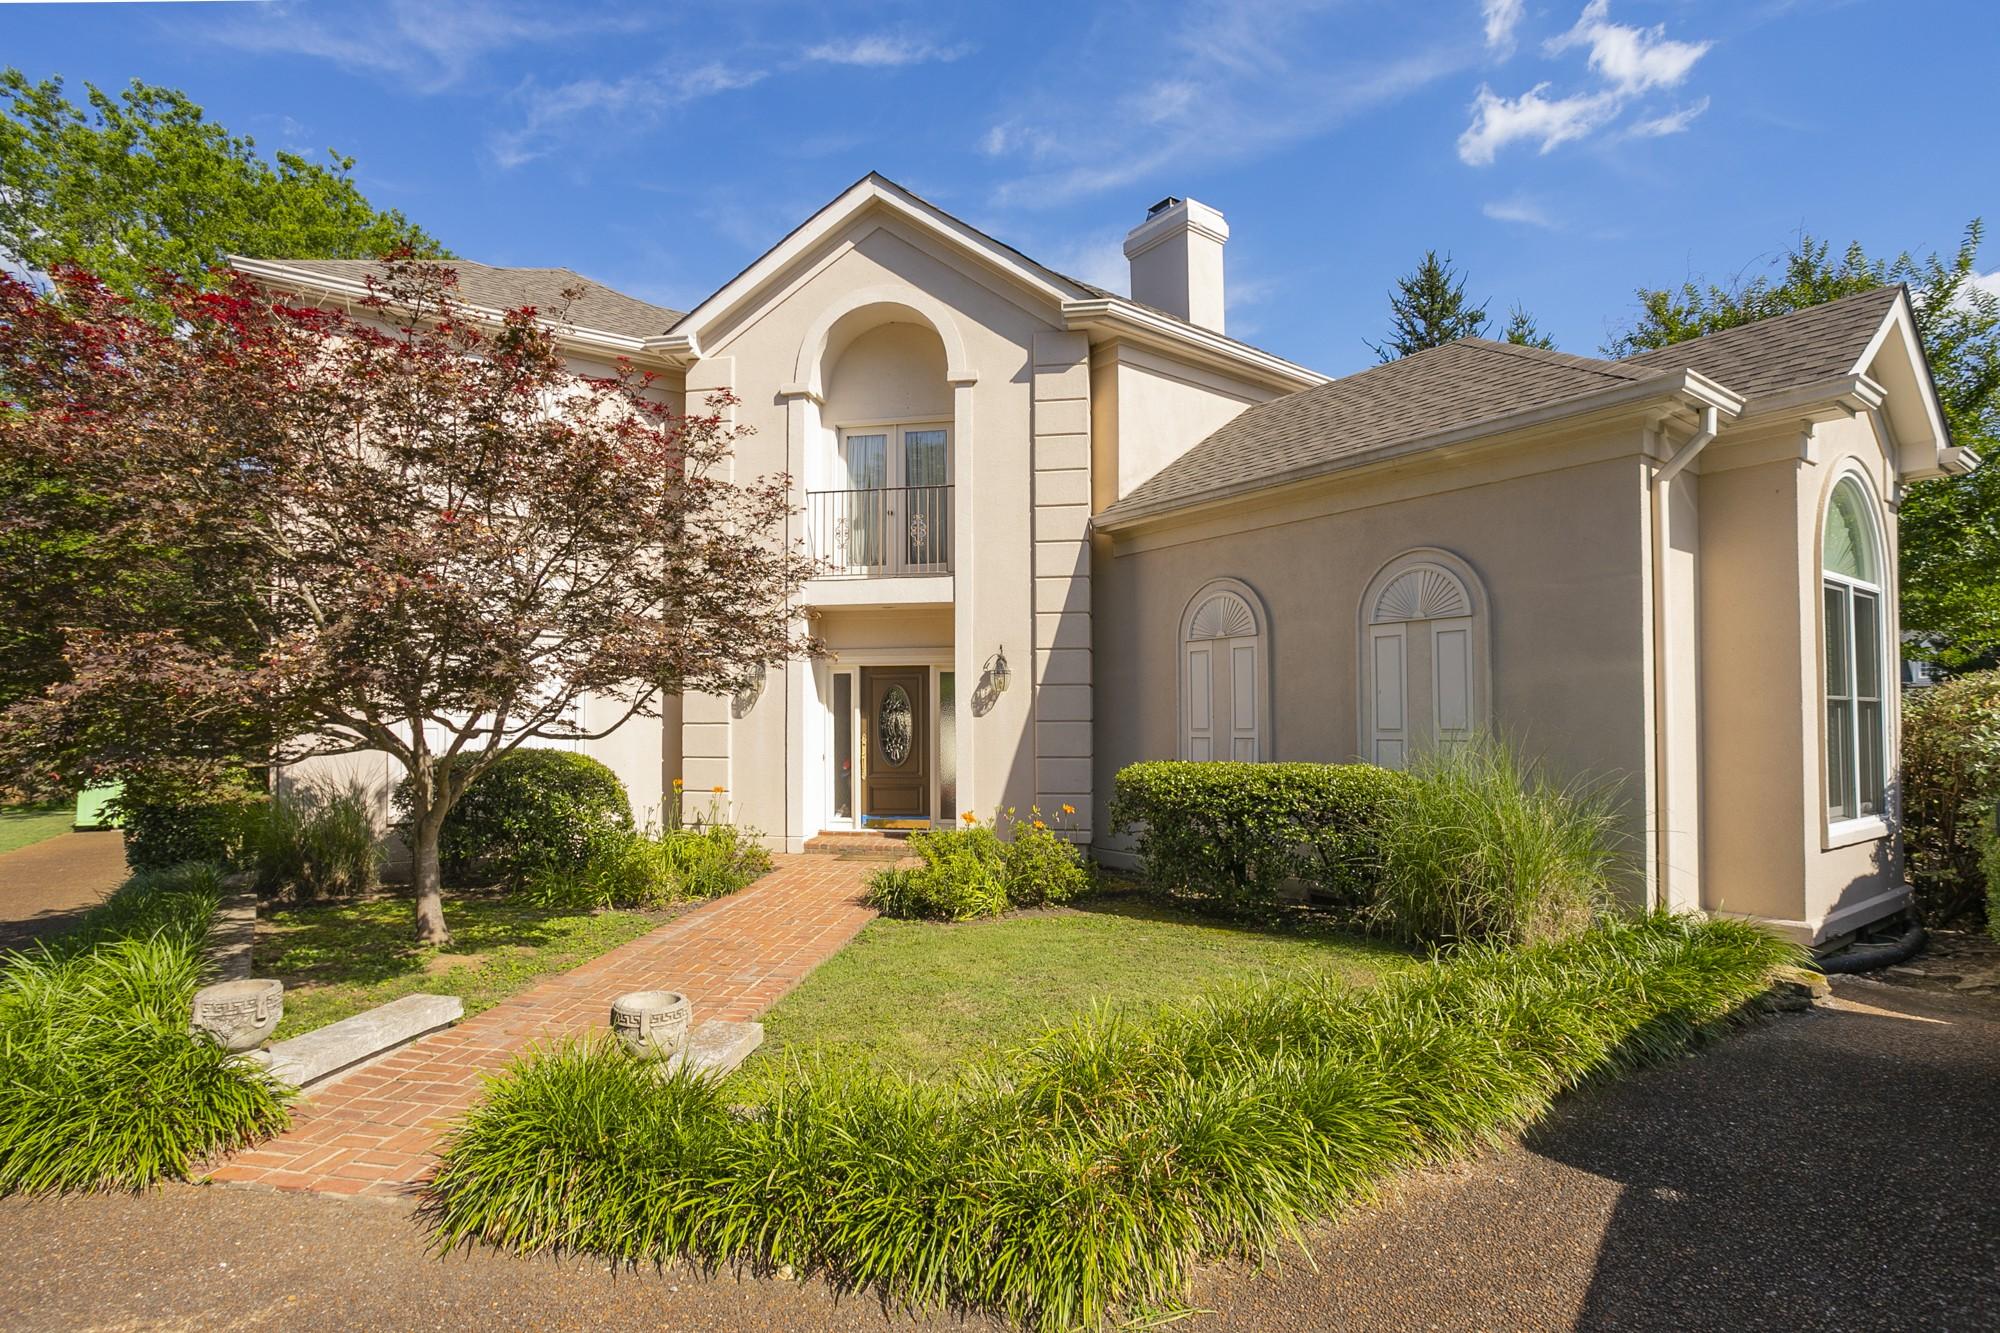 316 Allen Pl Property Photo - Nashville, TN real estate listing